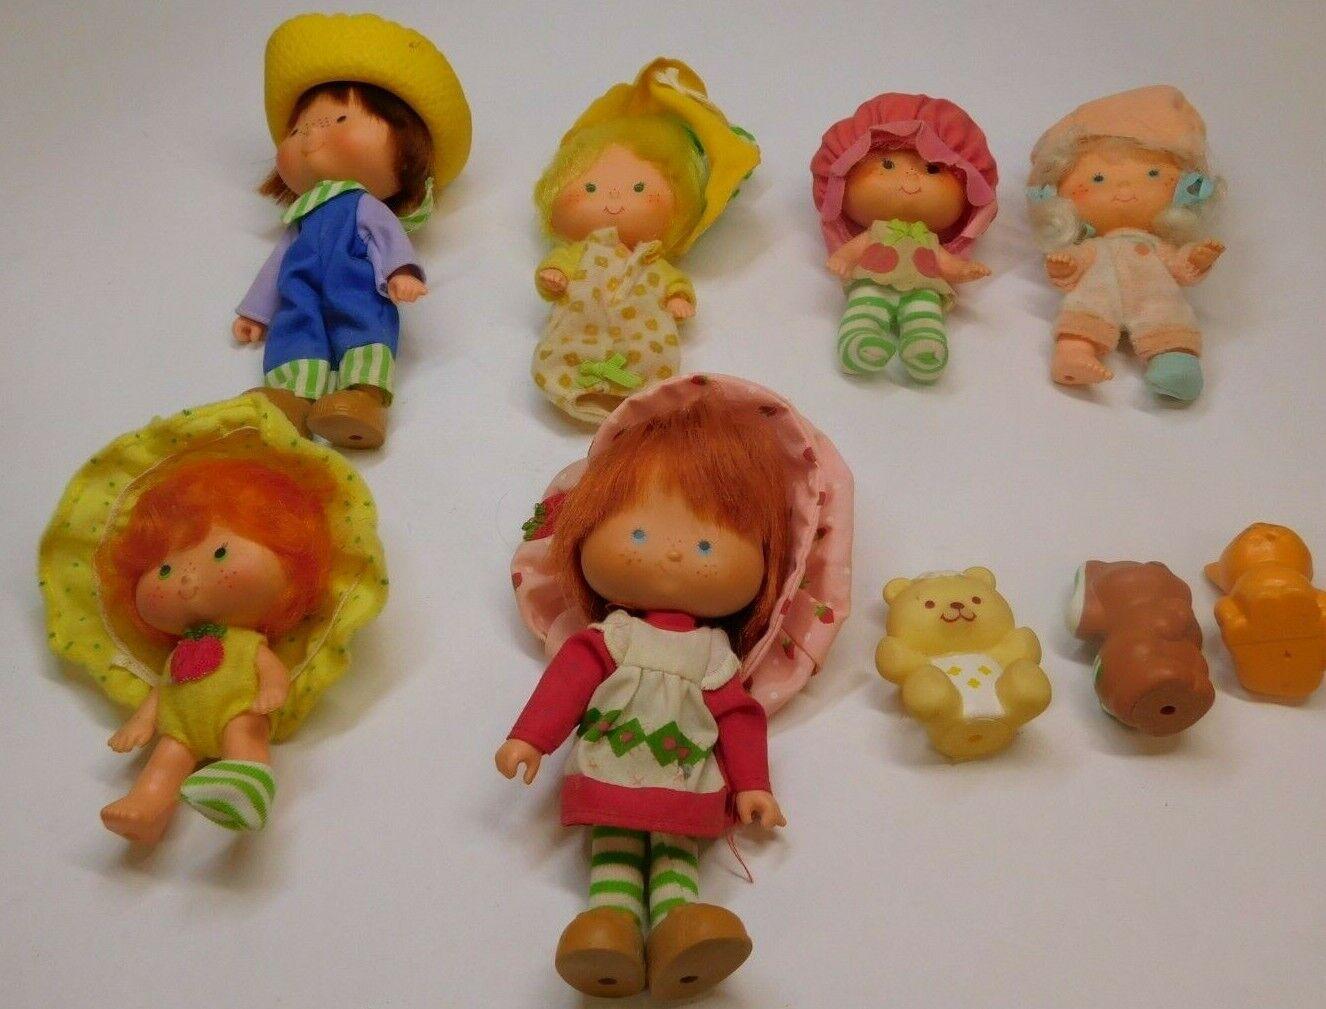 VINTAGE STRAWBERRY SHORTCAKE Lote de 6 Muñecas Con Mascotas Kenner